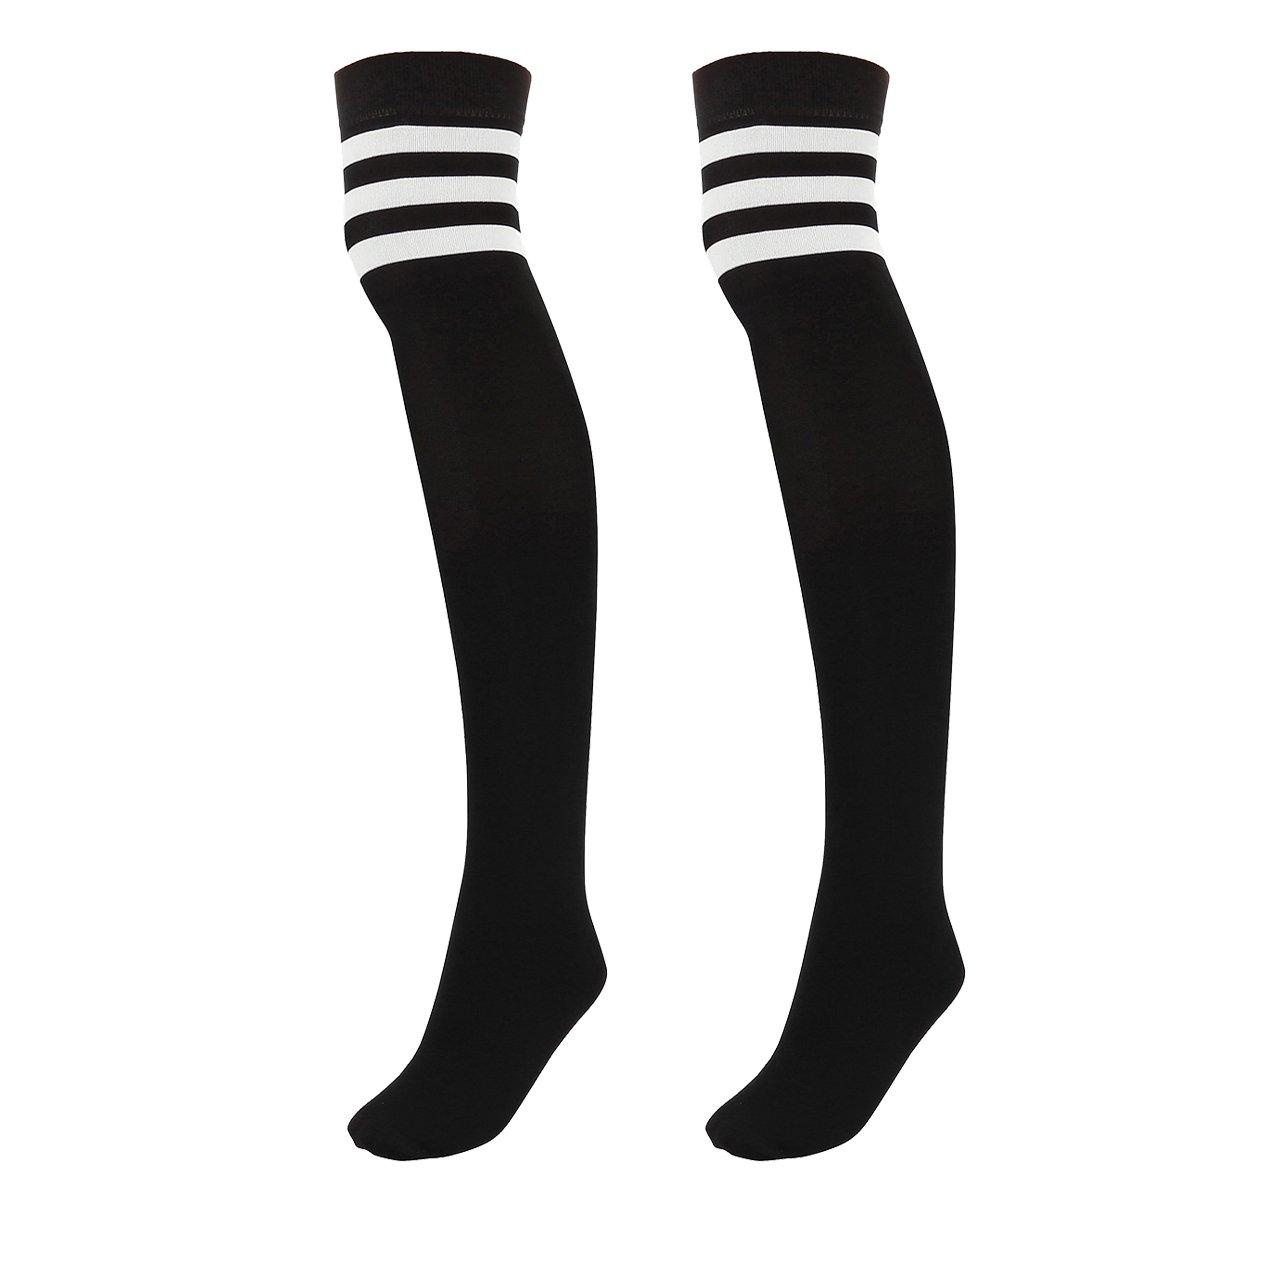 CHIC DIARY Damen Mädchen Kinder wärmer Strümpfe Overknee Kniestrümpfe gestreifte Sportsocken College Socks Baumwollstrümpfe, 63cm QQDE00641